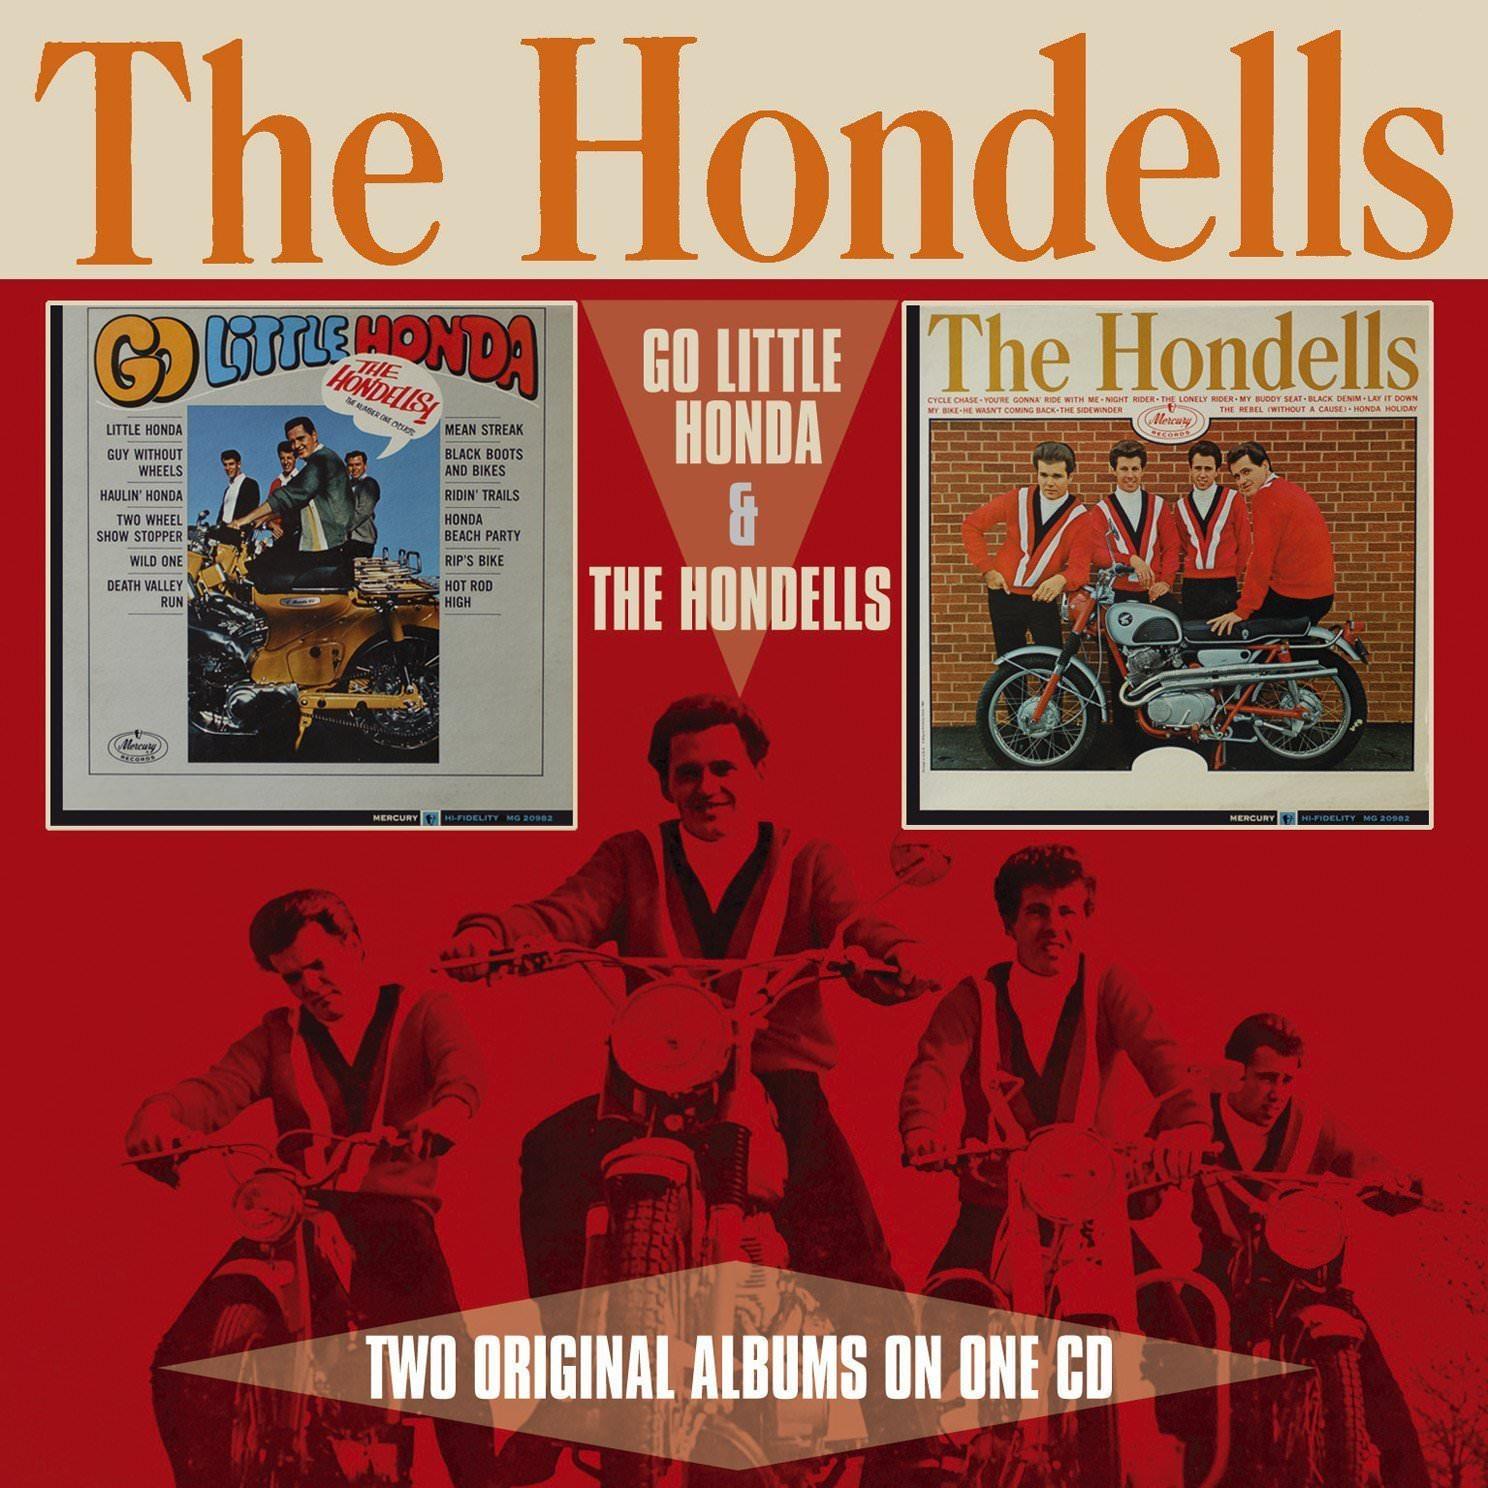 The Hondells: Go Little Honda & The Hondells cover